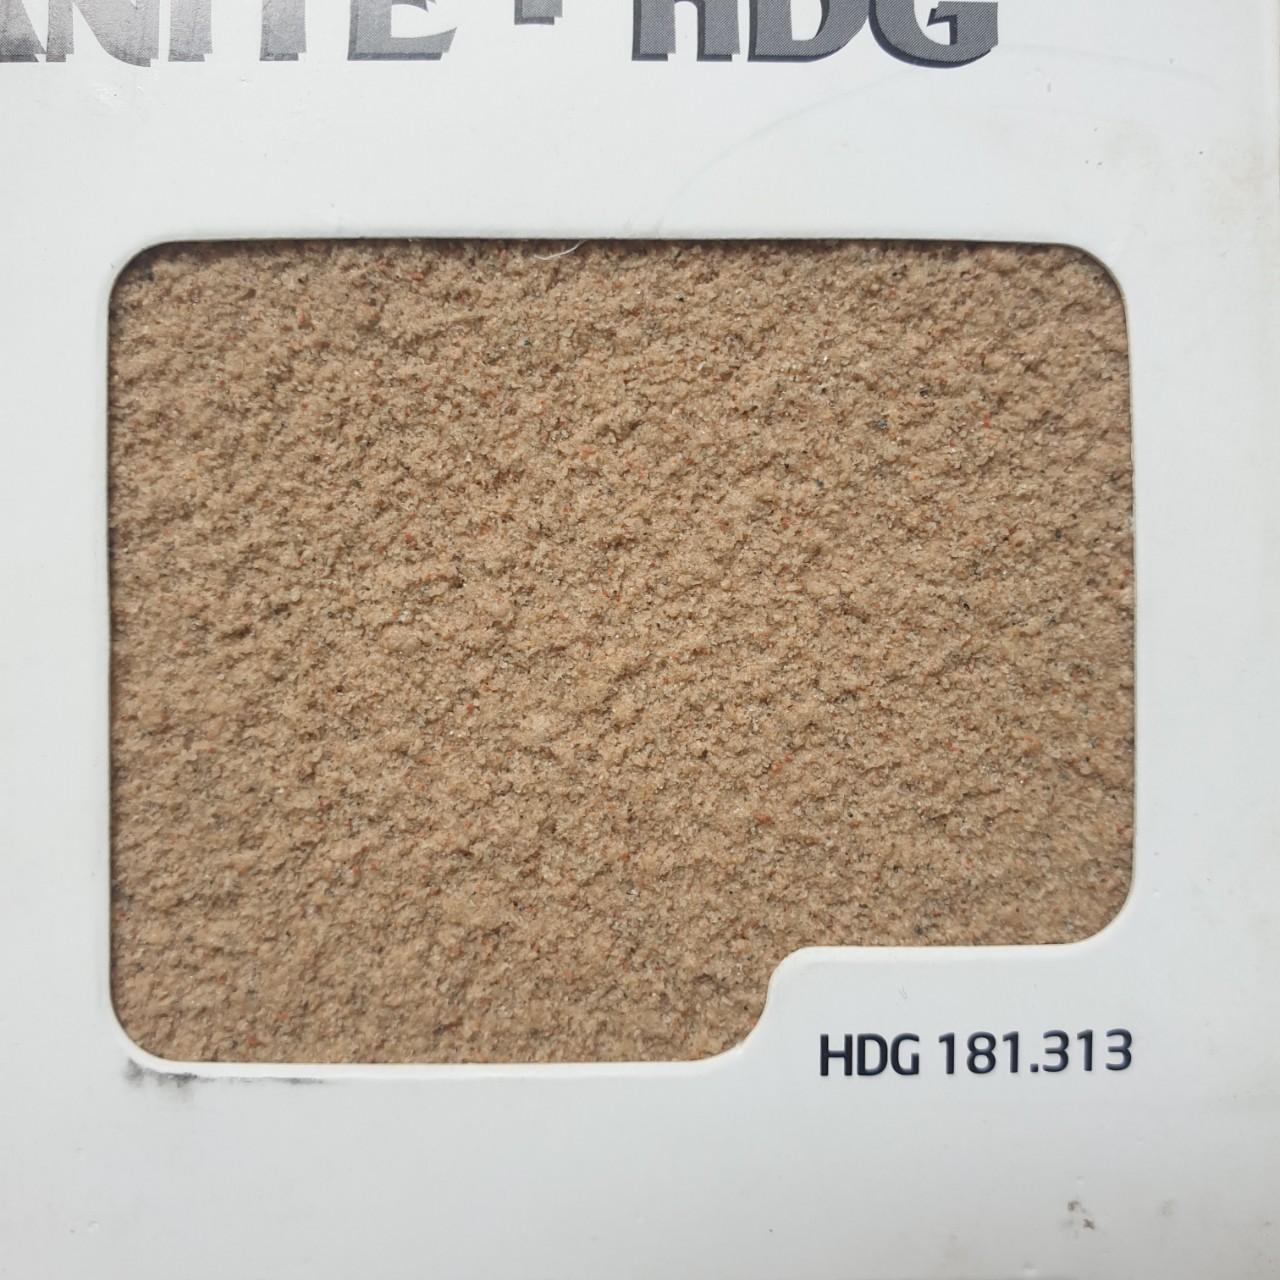 SƠN ĐƠN SẮC HDG 181.313